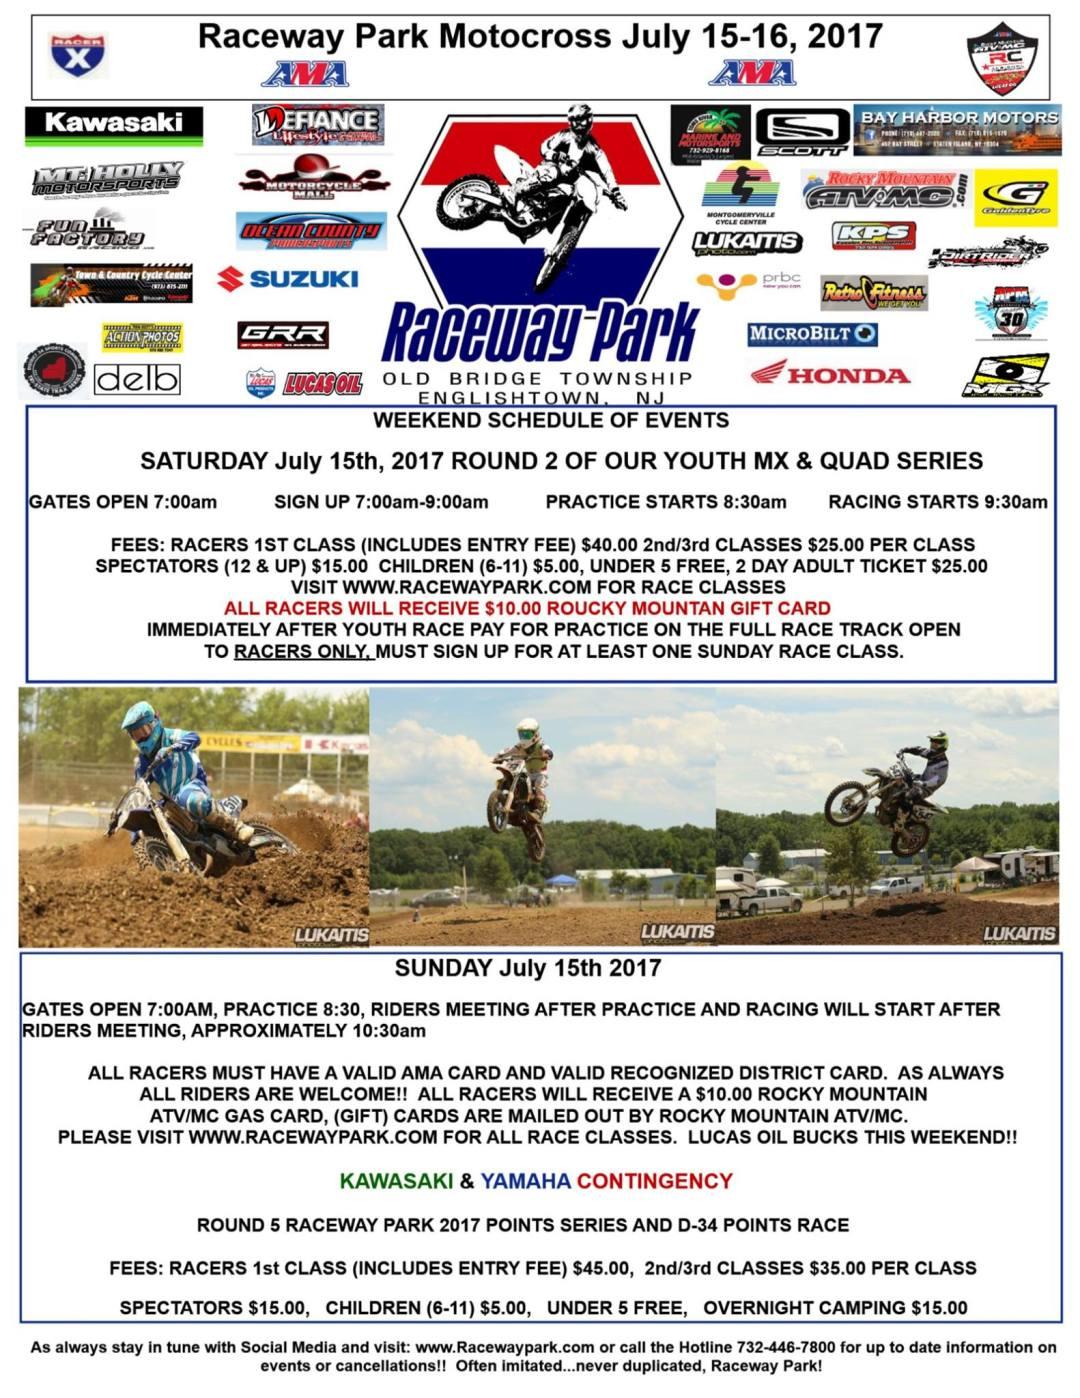 raceway park july 15 & 16